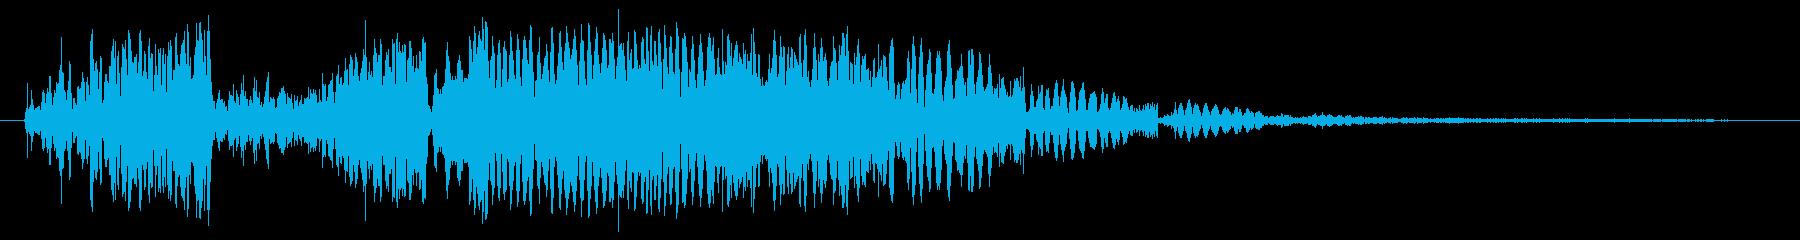 アナログリングの再生済みの波形